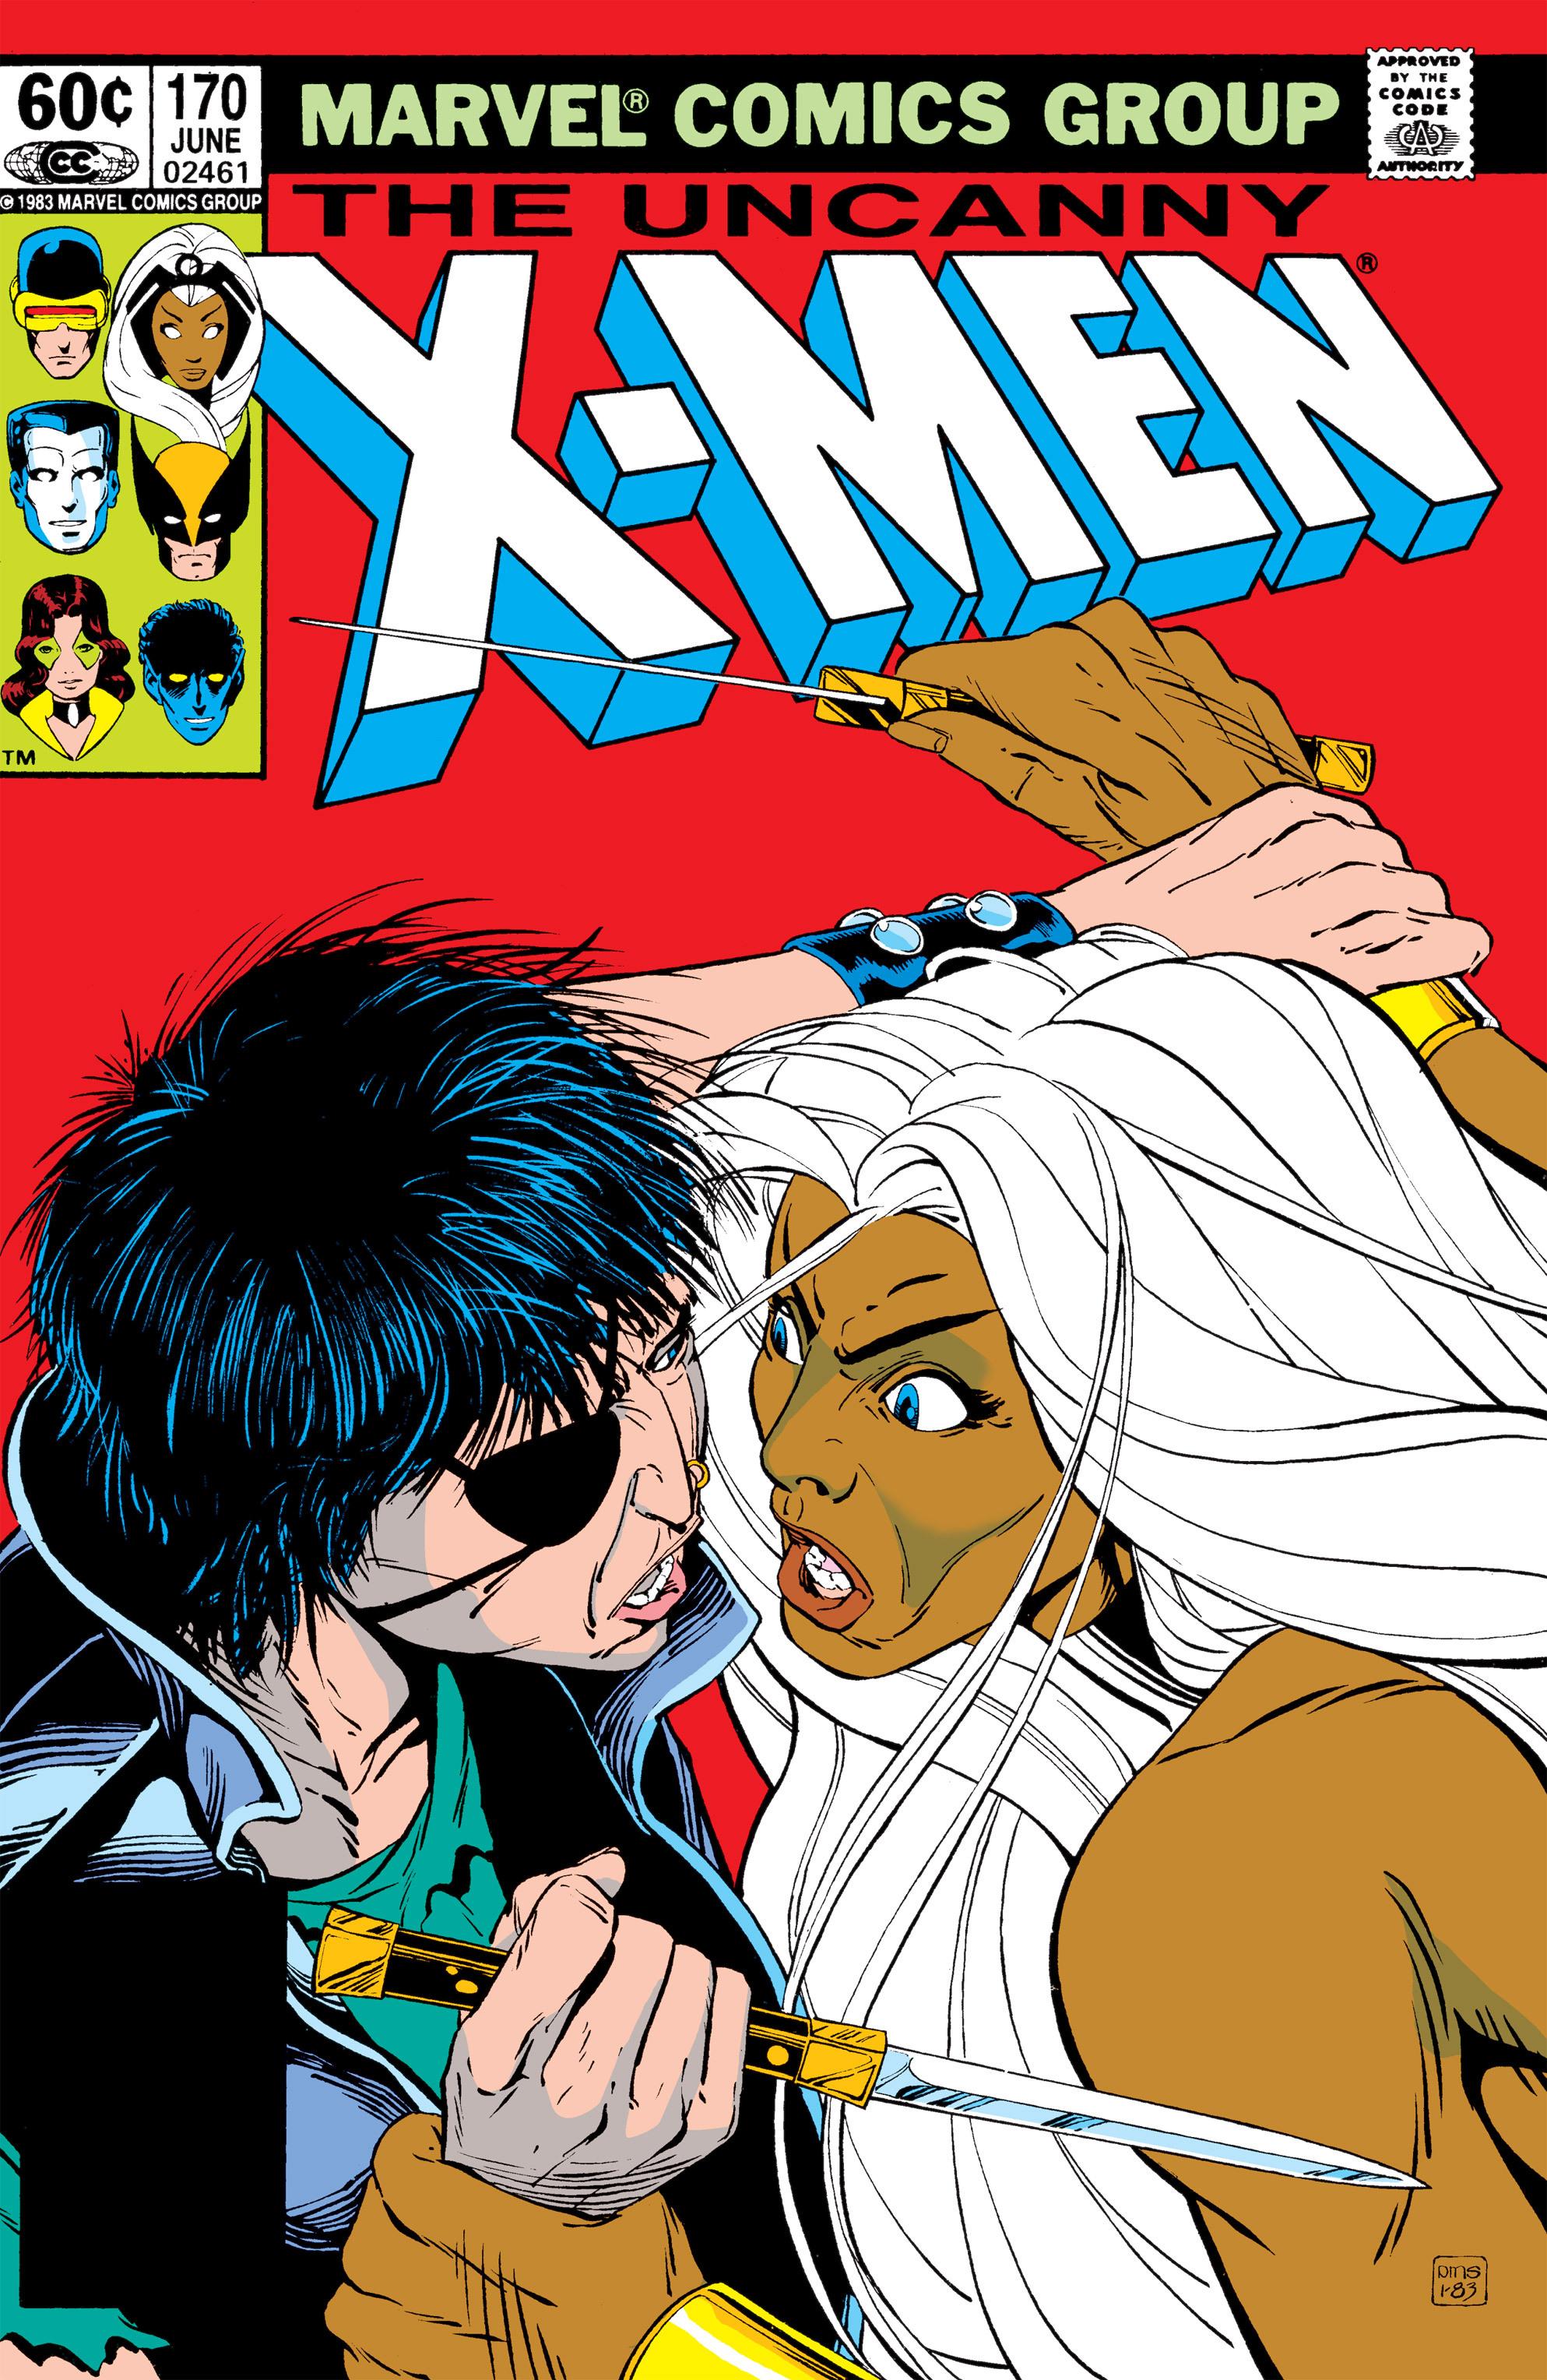 Uncanny X-Men (1963) 170 Page 1